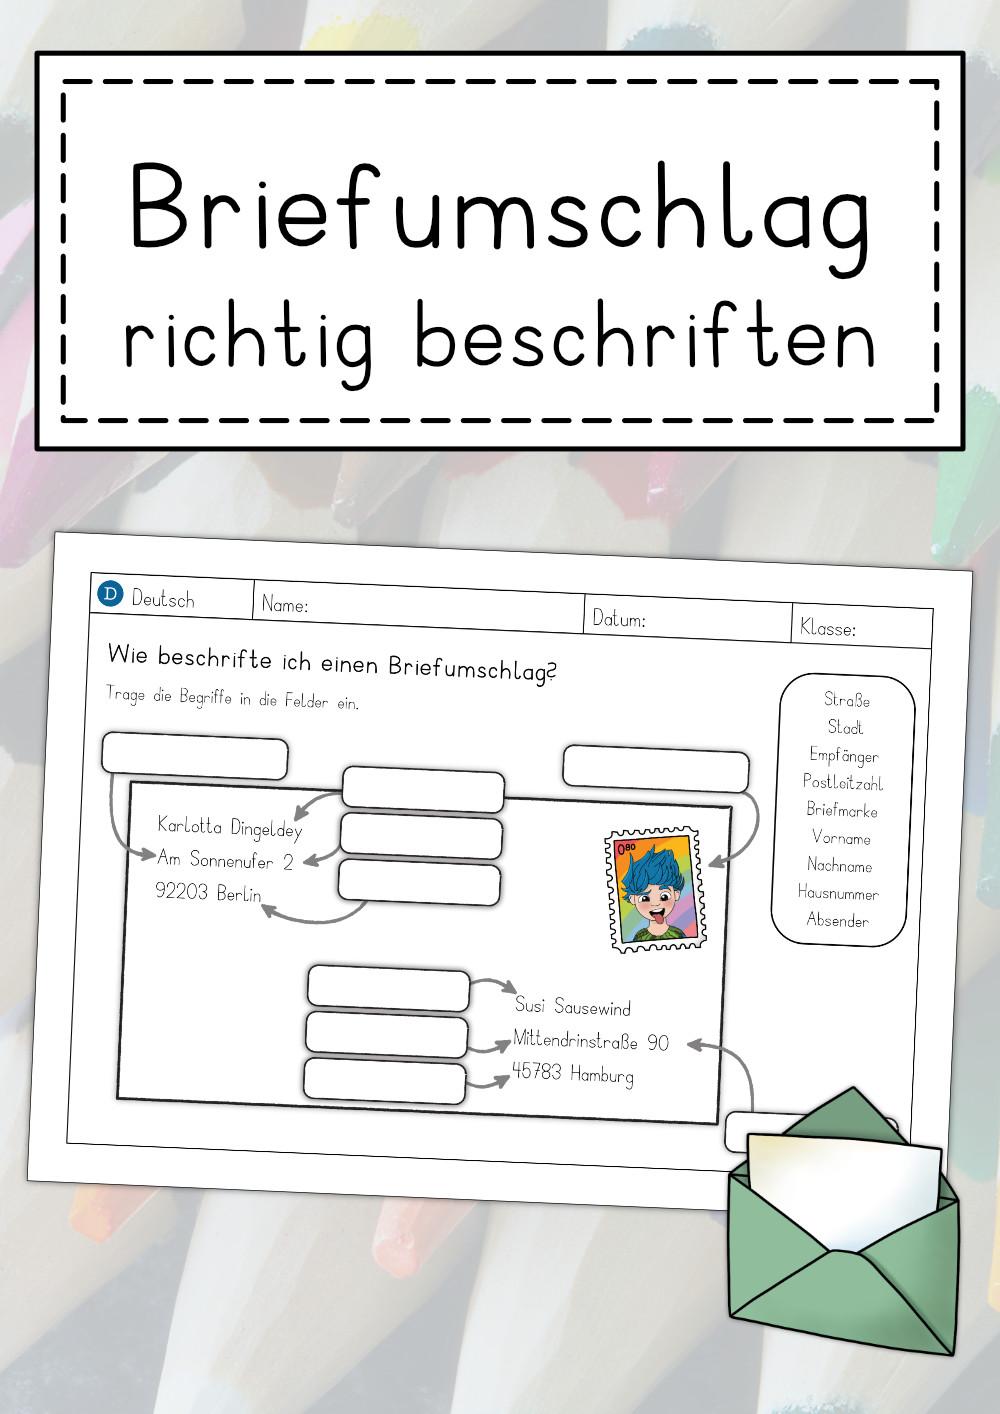 Arbeitsblatt Briefumschlag Beschriften Unterrichtsmaterial Im Fach Deutsch In 2020 Brief Briefumschlag Ein Brief